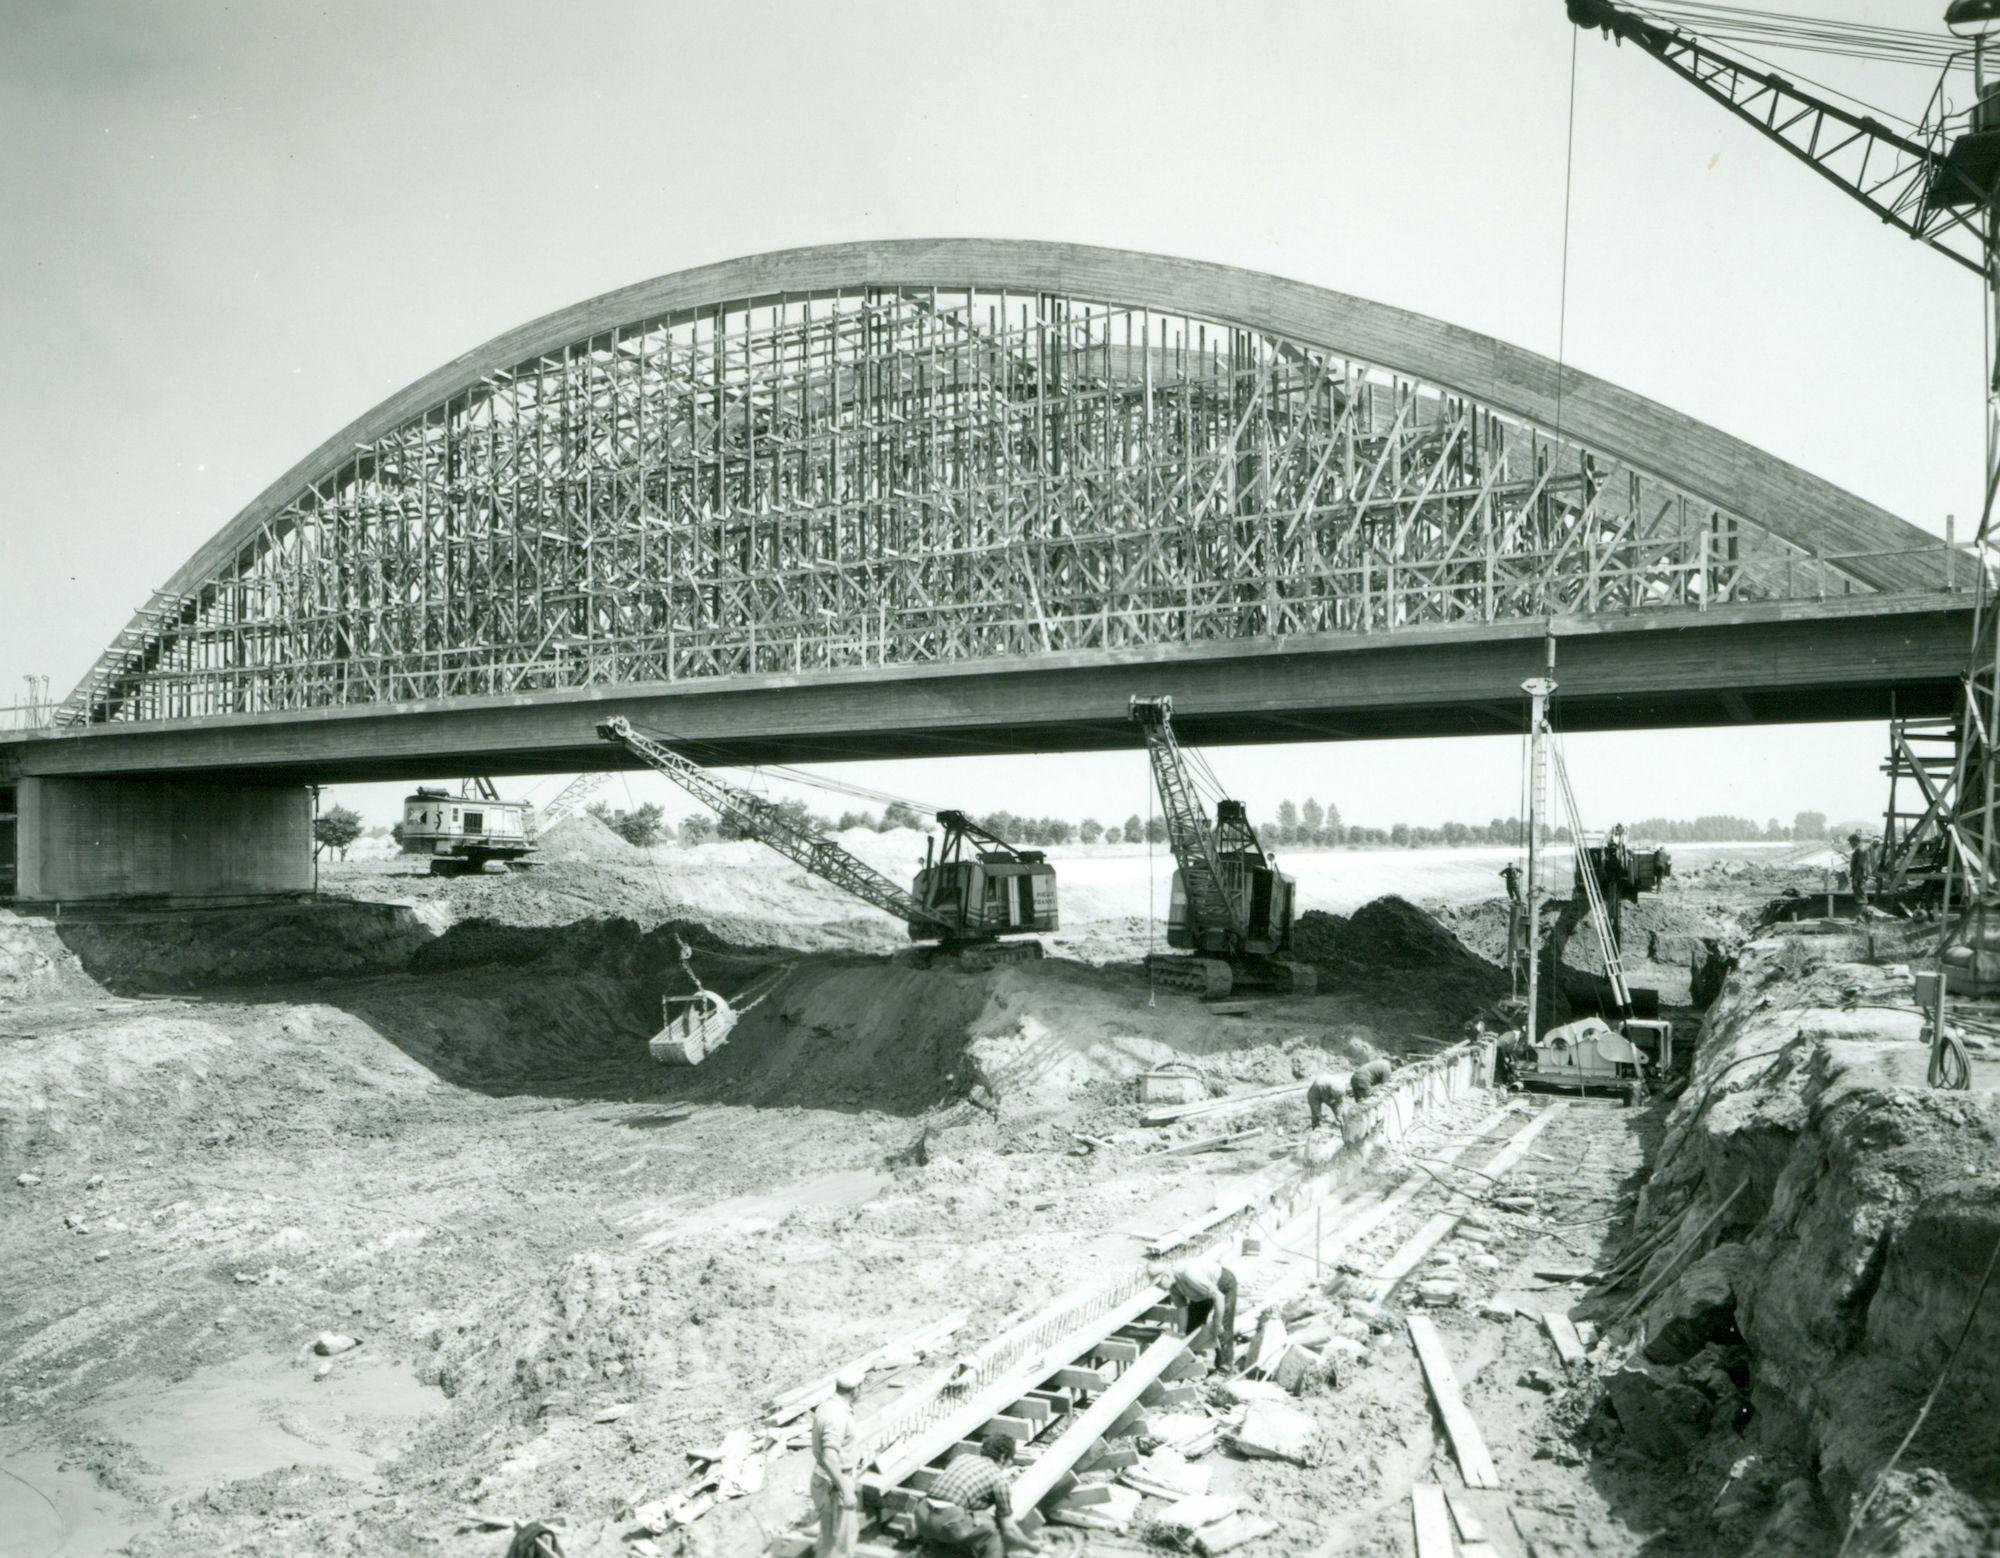 Bouw brug over het kanaal Bossuit-Kortrijk aan de Beneluxlaan in Harelbeke 1971